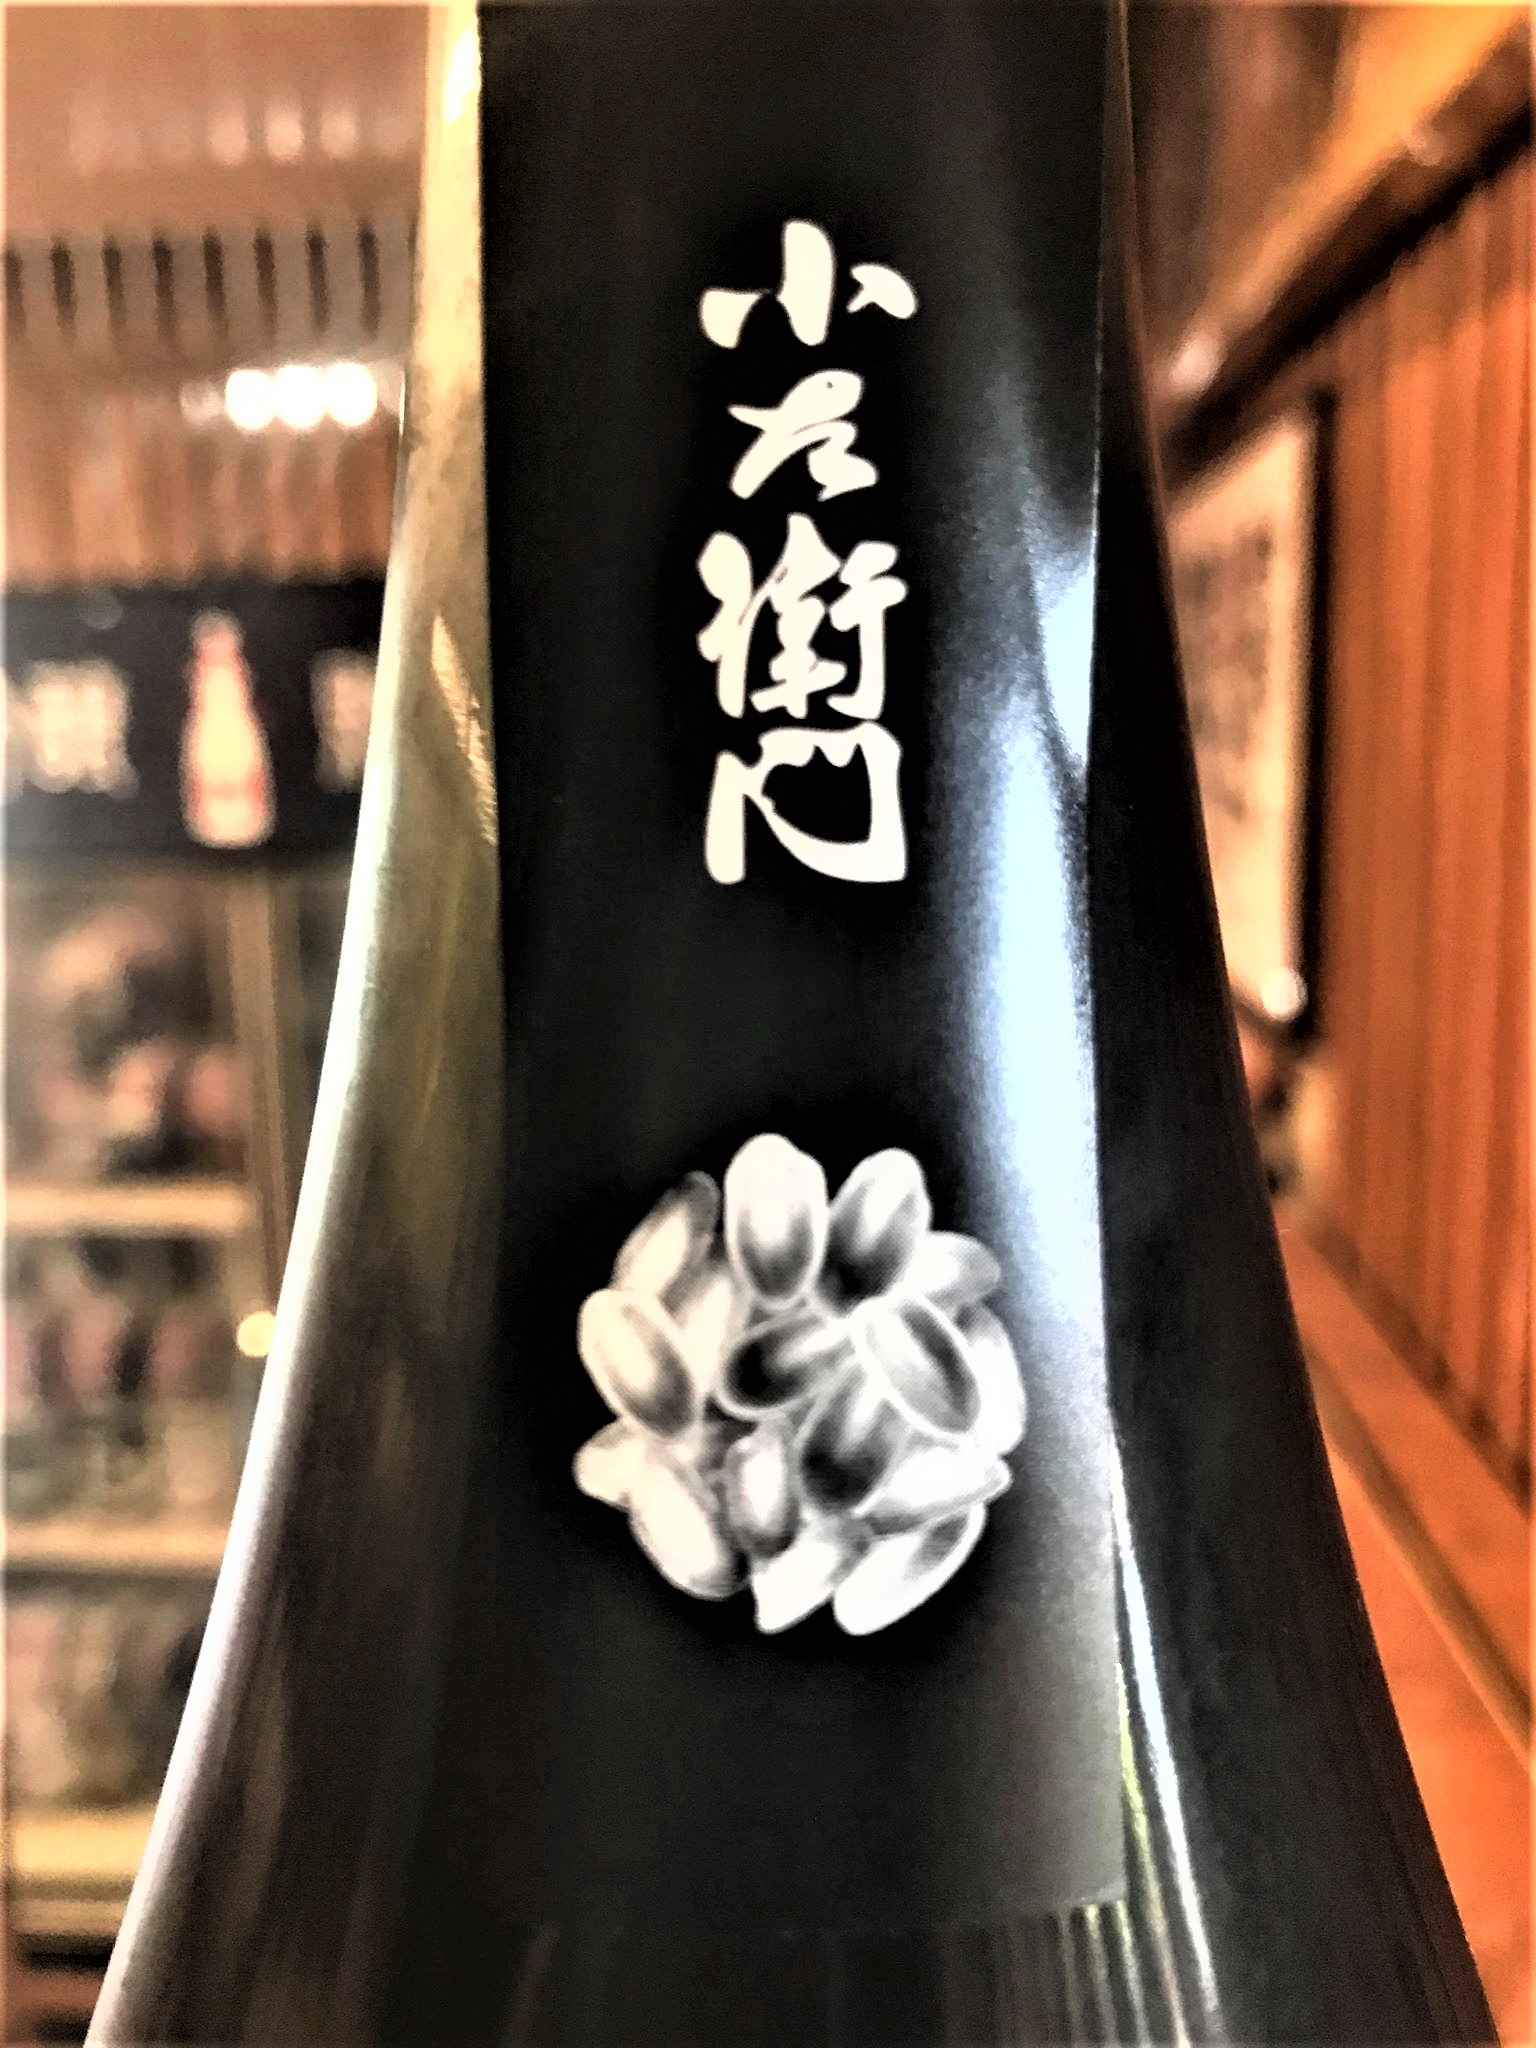 【日本酒】小左衛門 Dessin🎯米の芯 純米吟醸 岐阜産ひだほまれ仕込み 限定 30BY🆕_e0173738_1114939.jpg